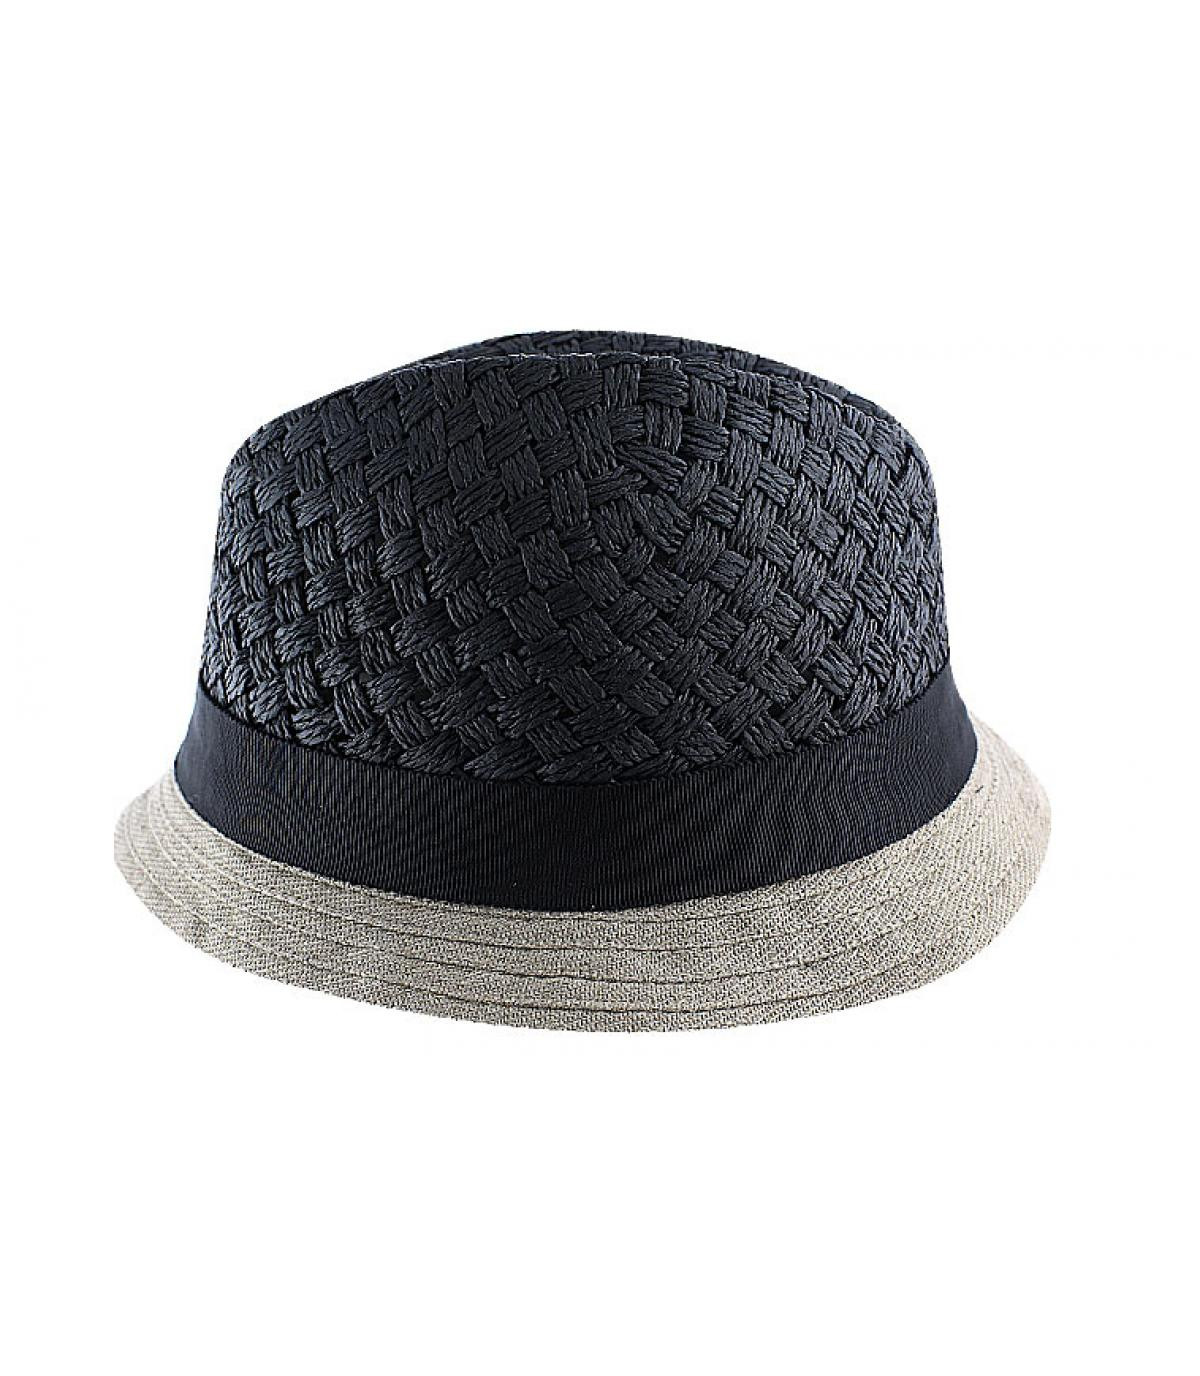 Céline Robert schwarzer Hut